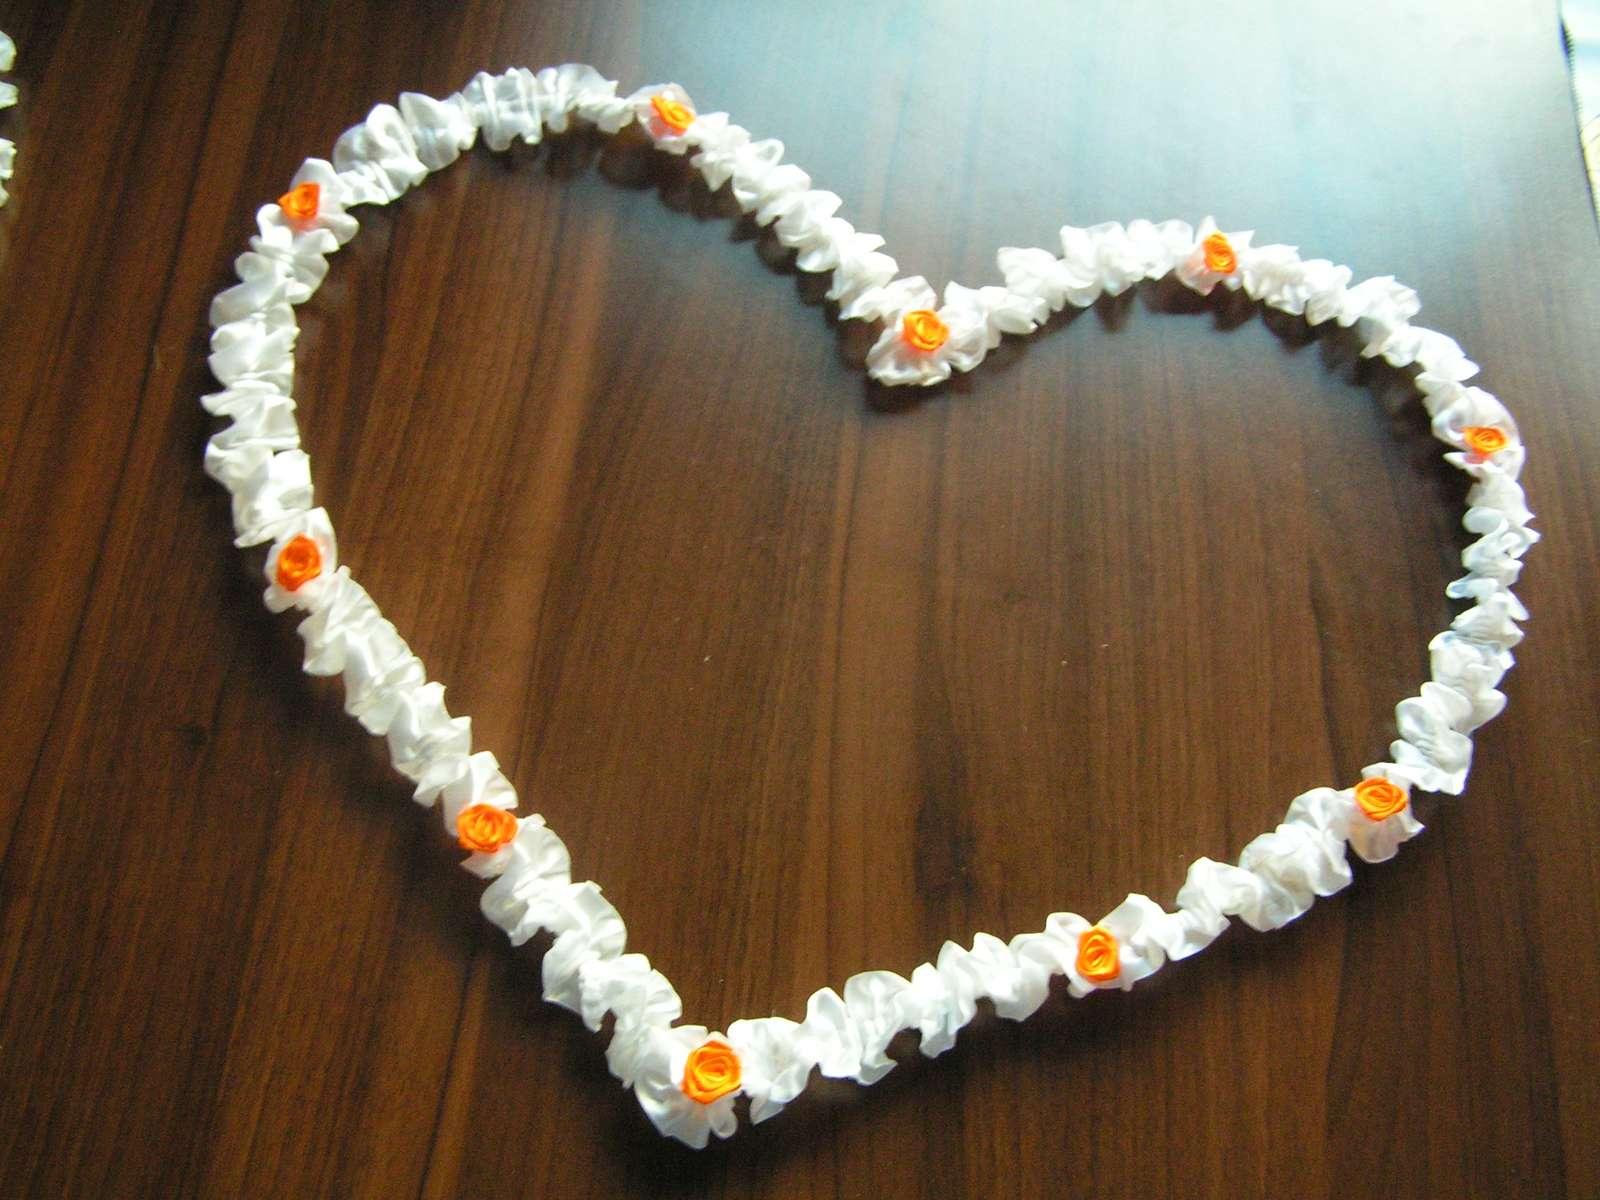 Srdce - 52 cm - Obrázek č. 1